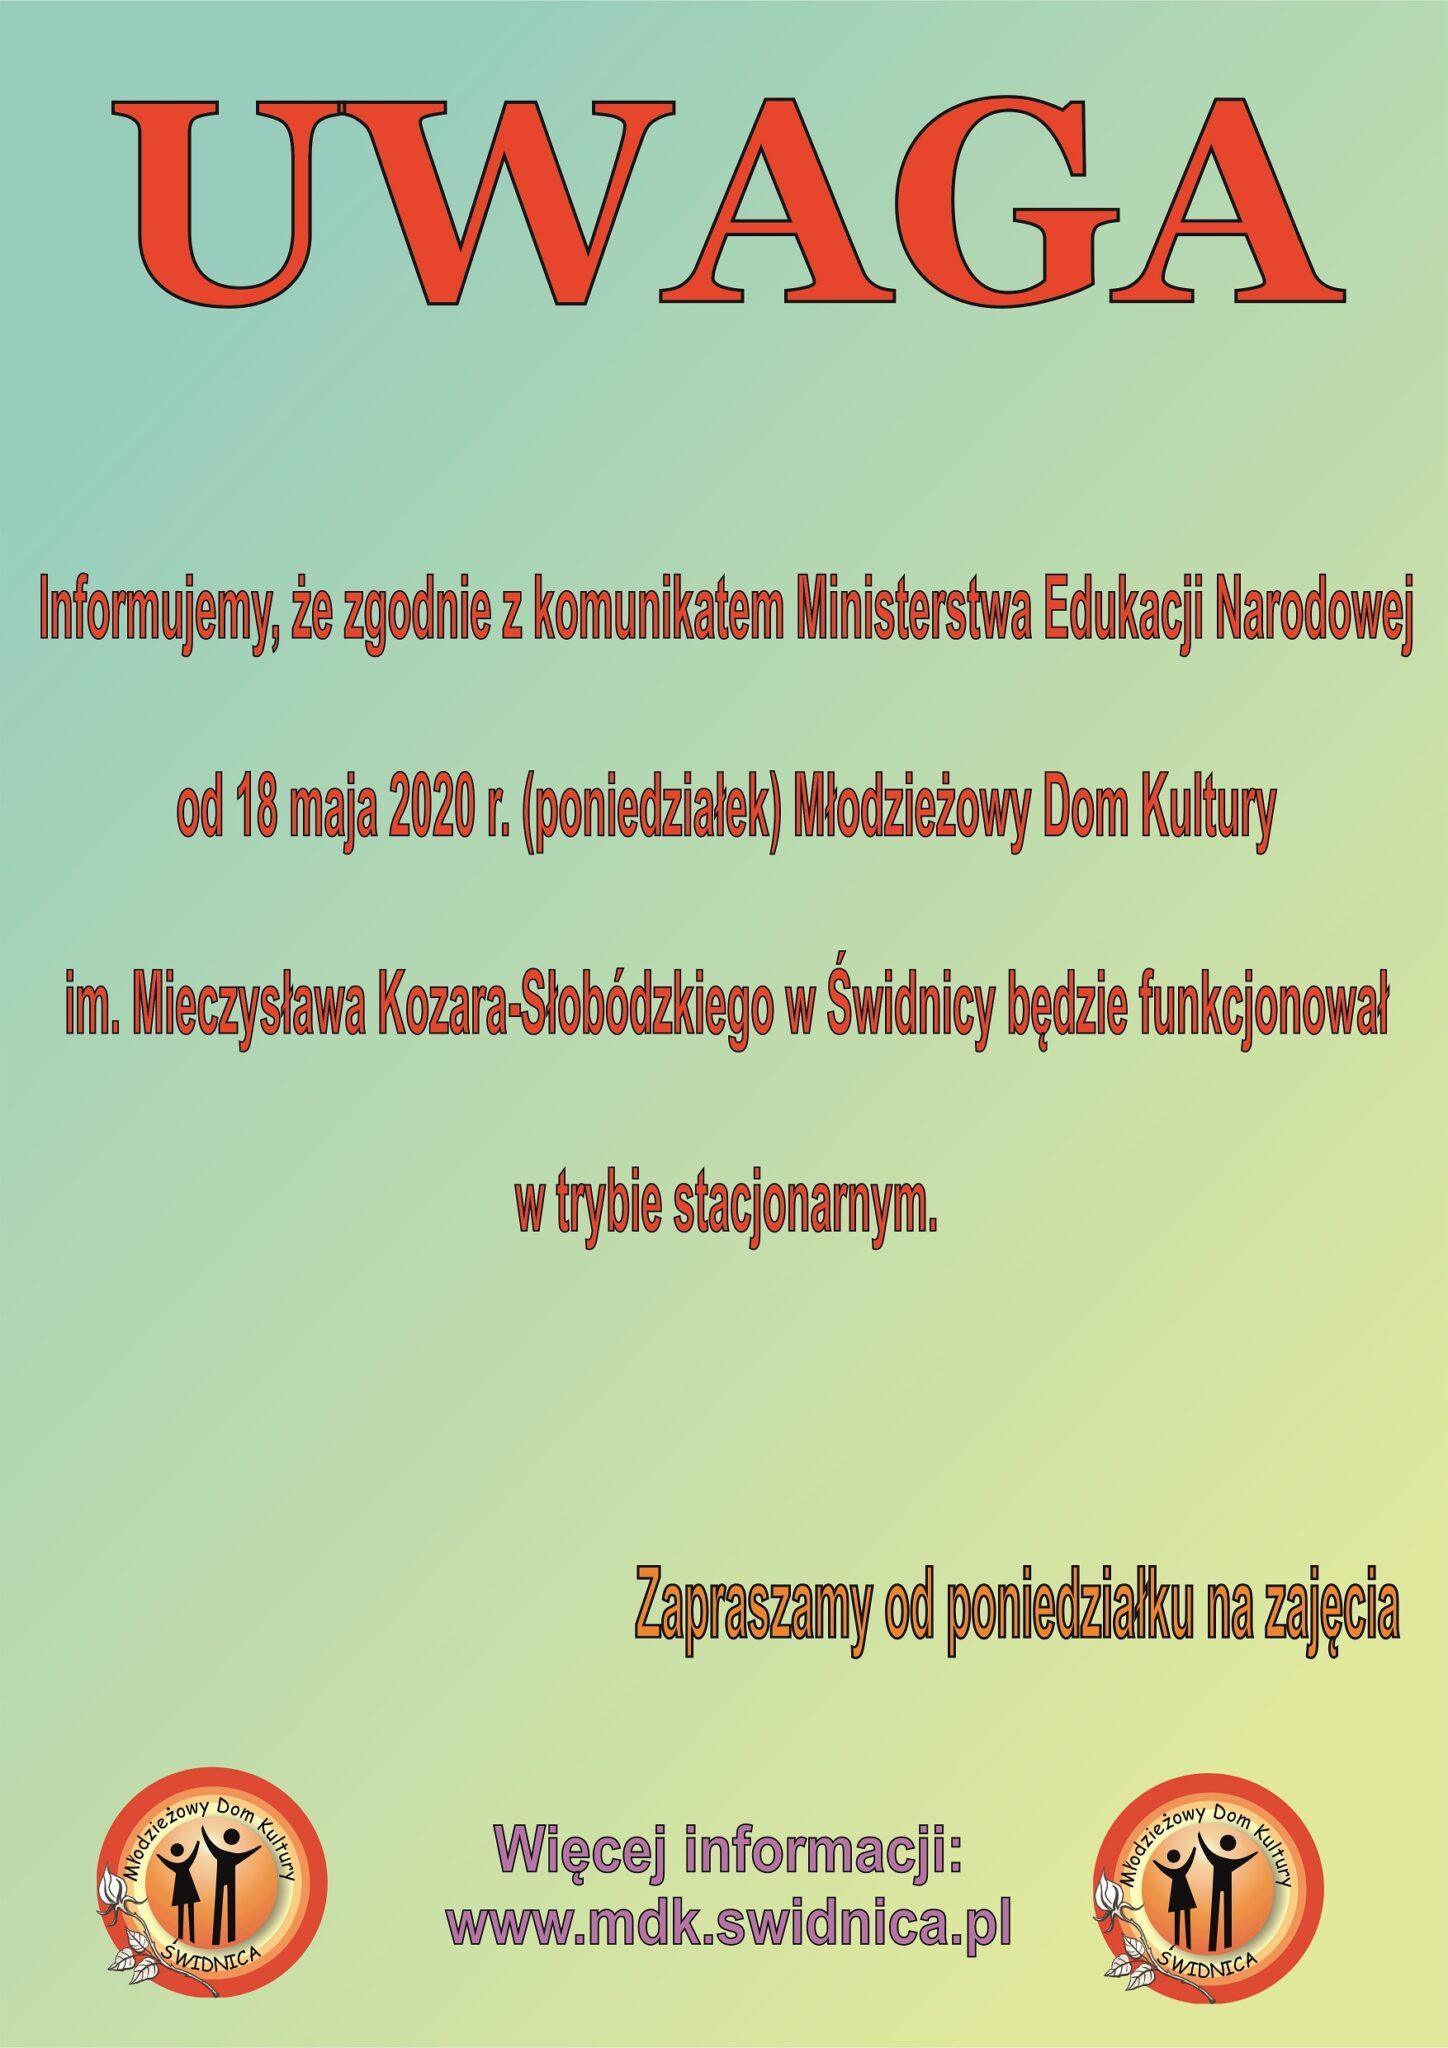 Komunikat Ministerstwa Edukacji Narodowej - od 18 maja otwarty MDK